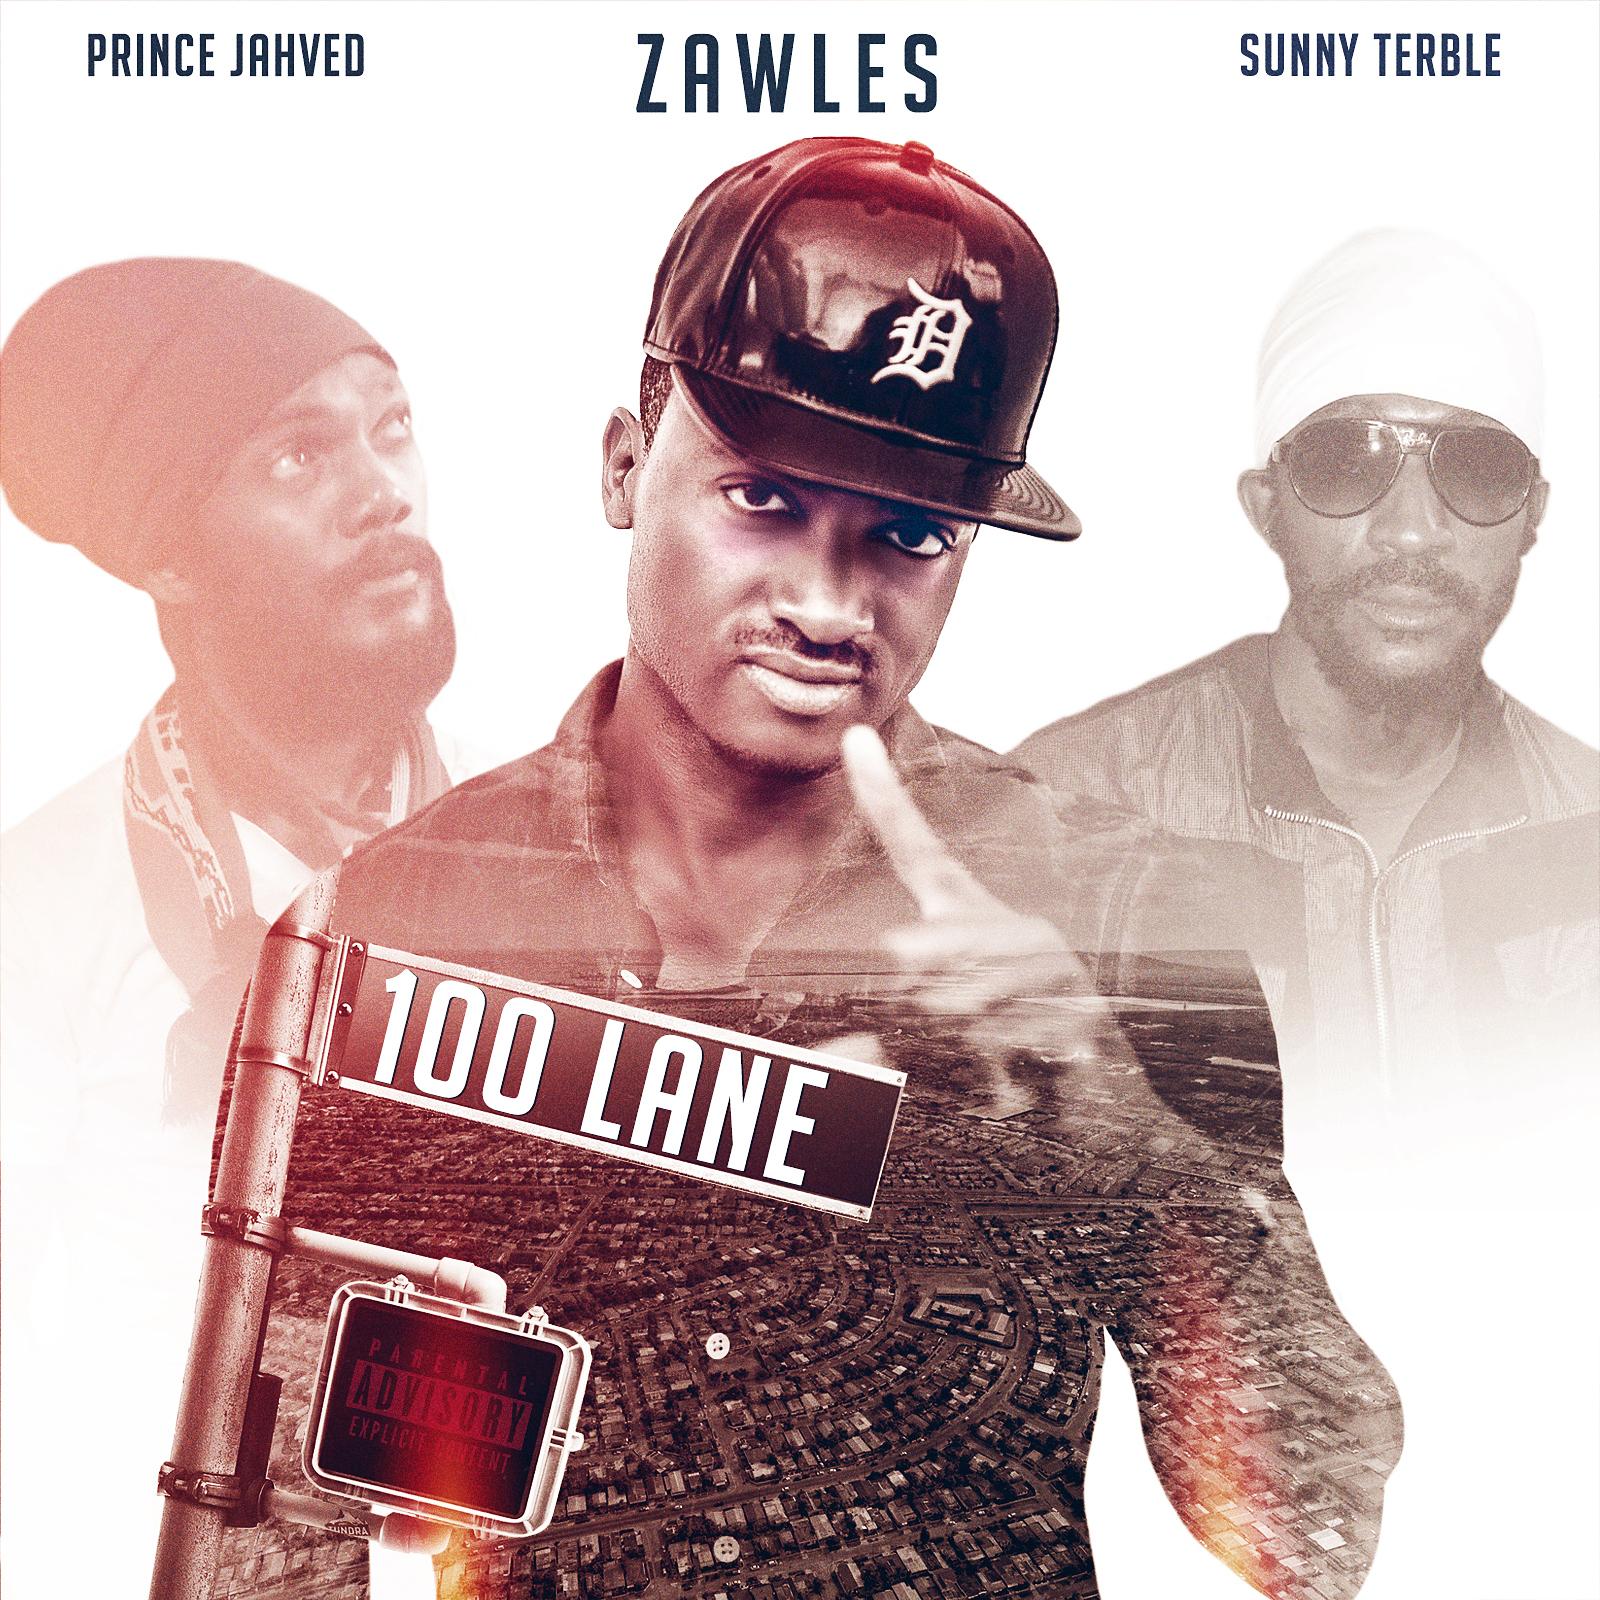 Zawles 100 Lane Artwork Front - Artwork for 100Lane single revealed